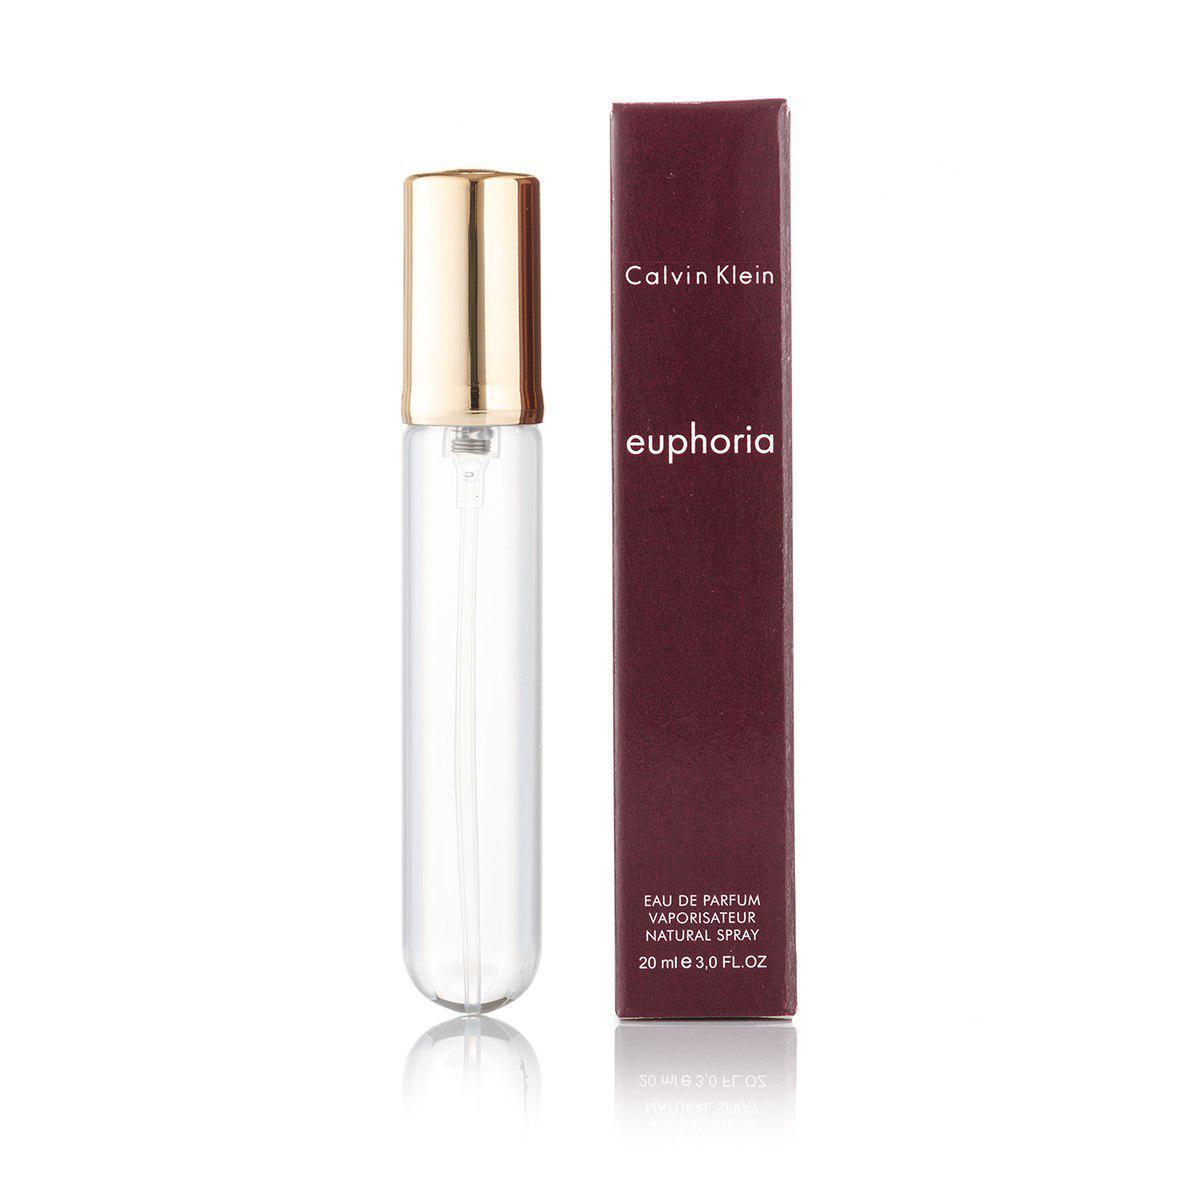 Женский парфюм Calvin Klein Euphoria - 20 ml